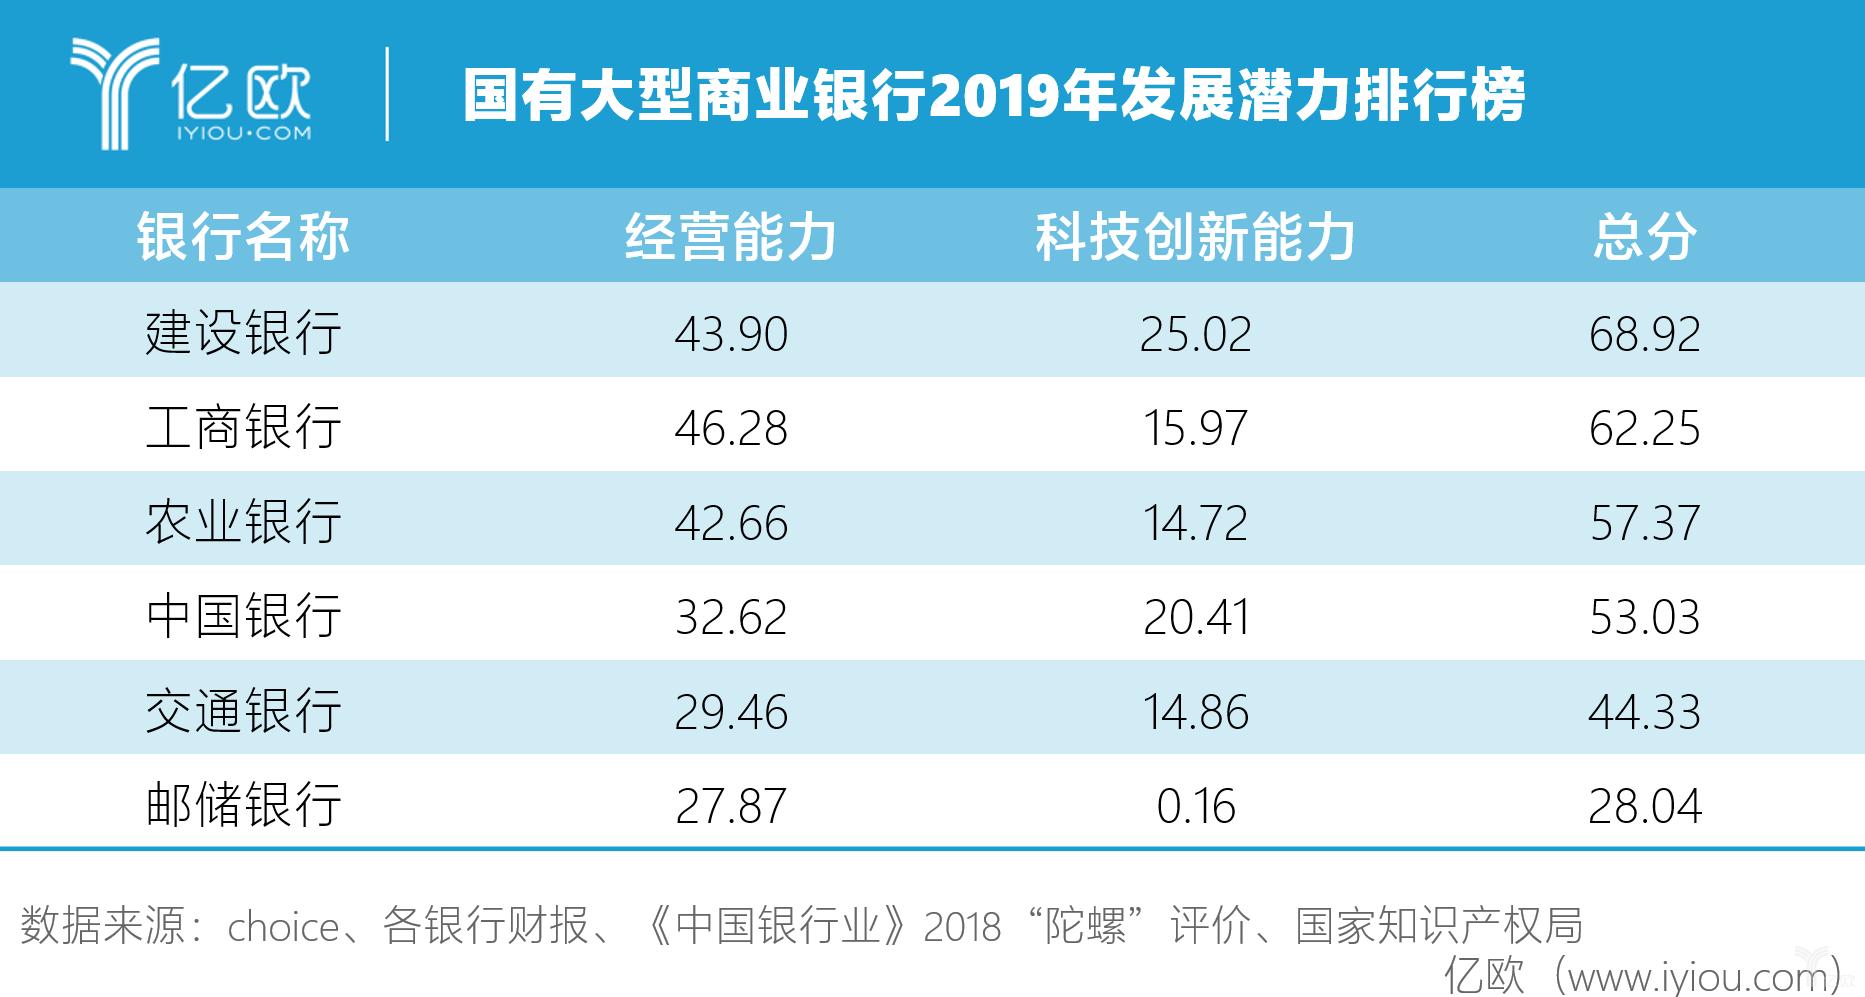 国有商行2019年发展潜力排行榜